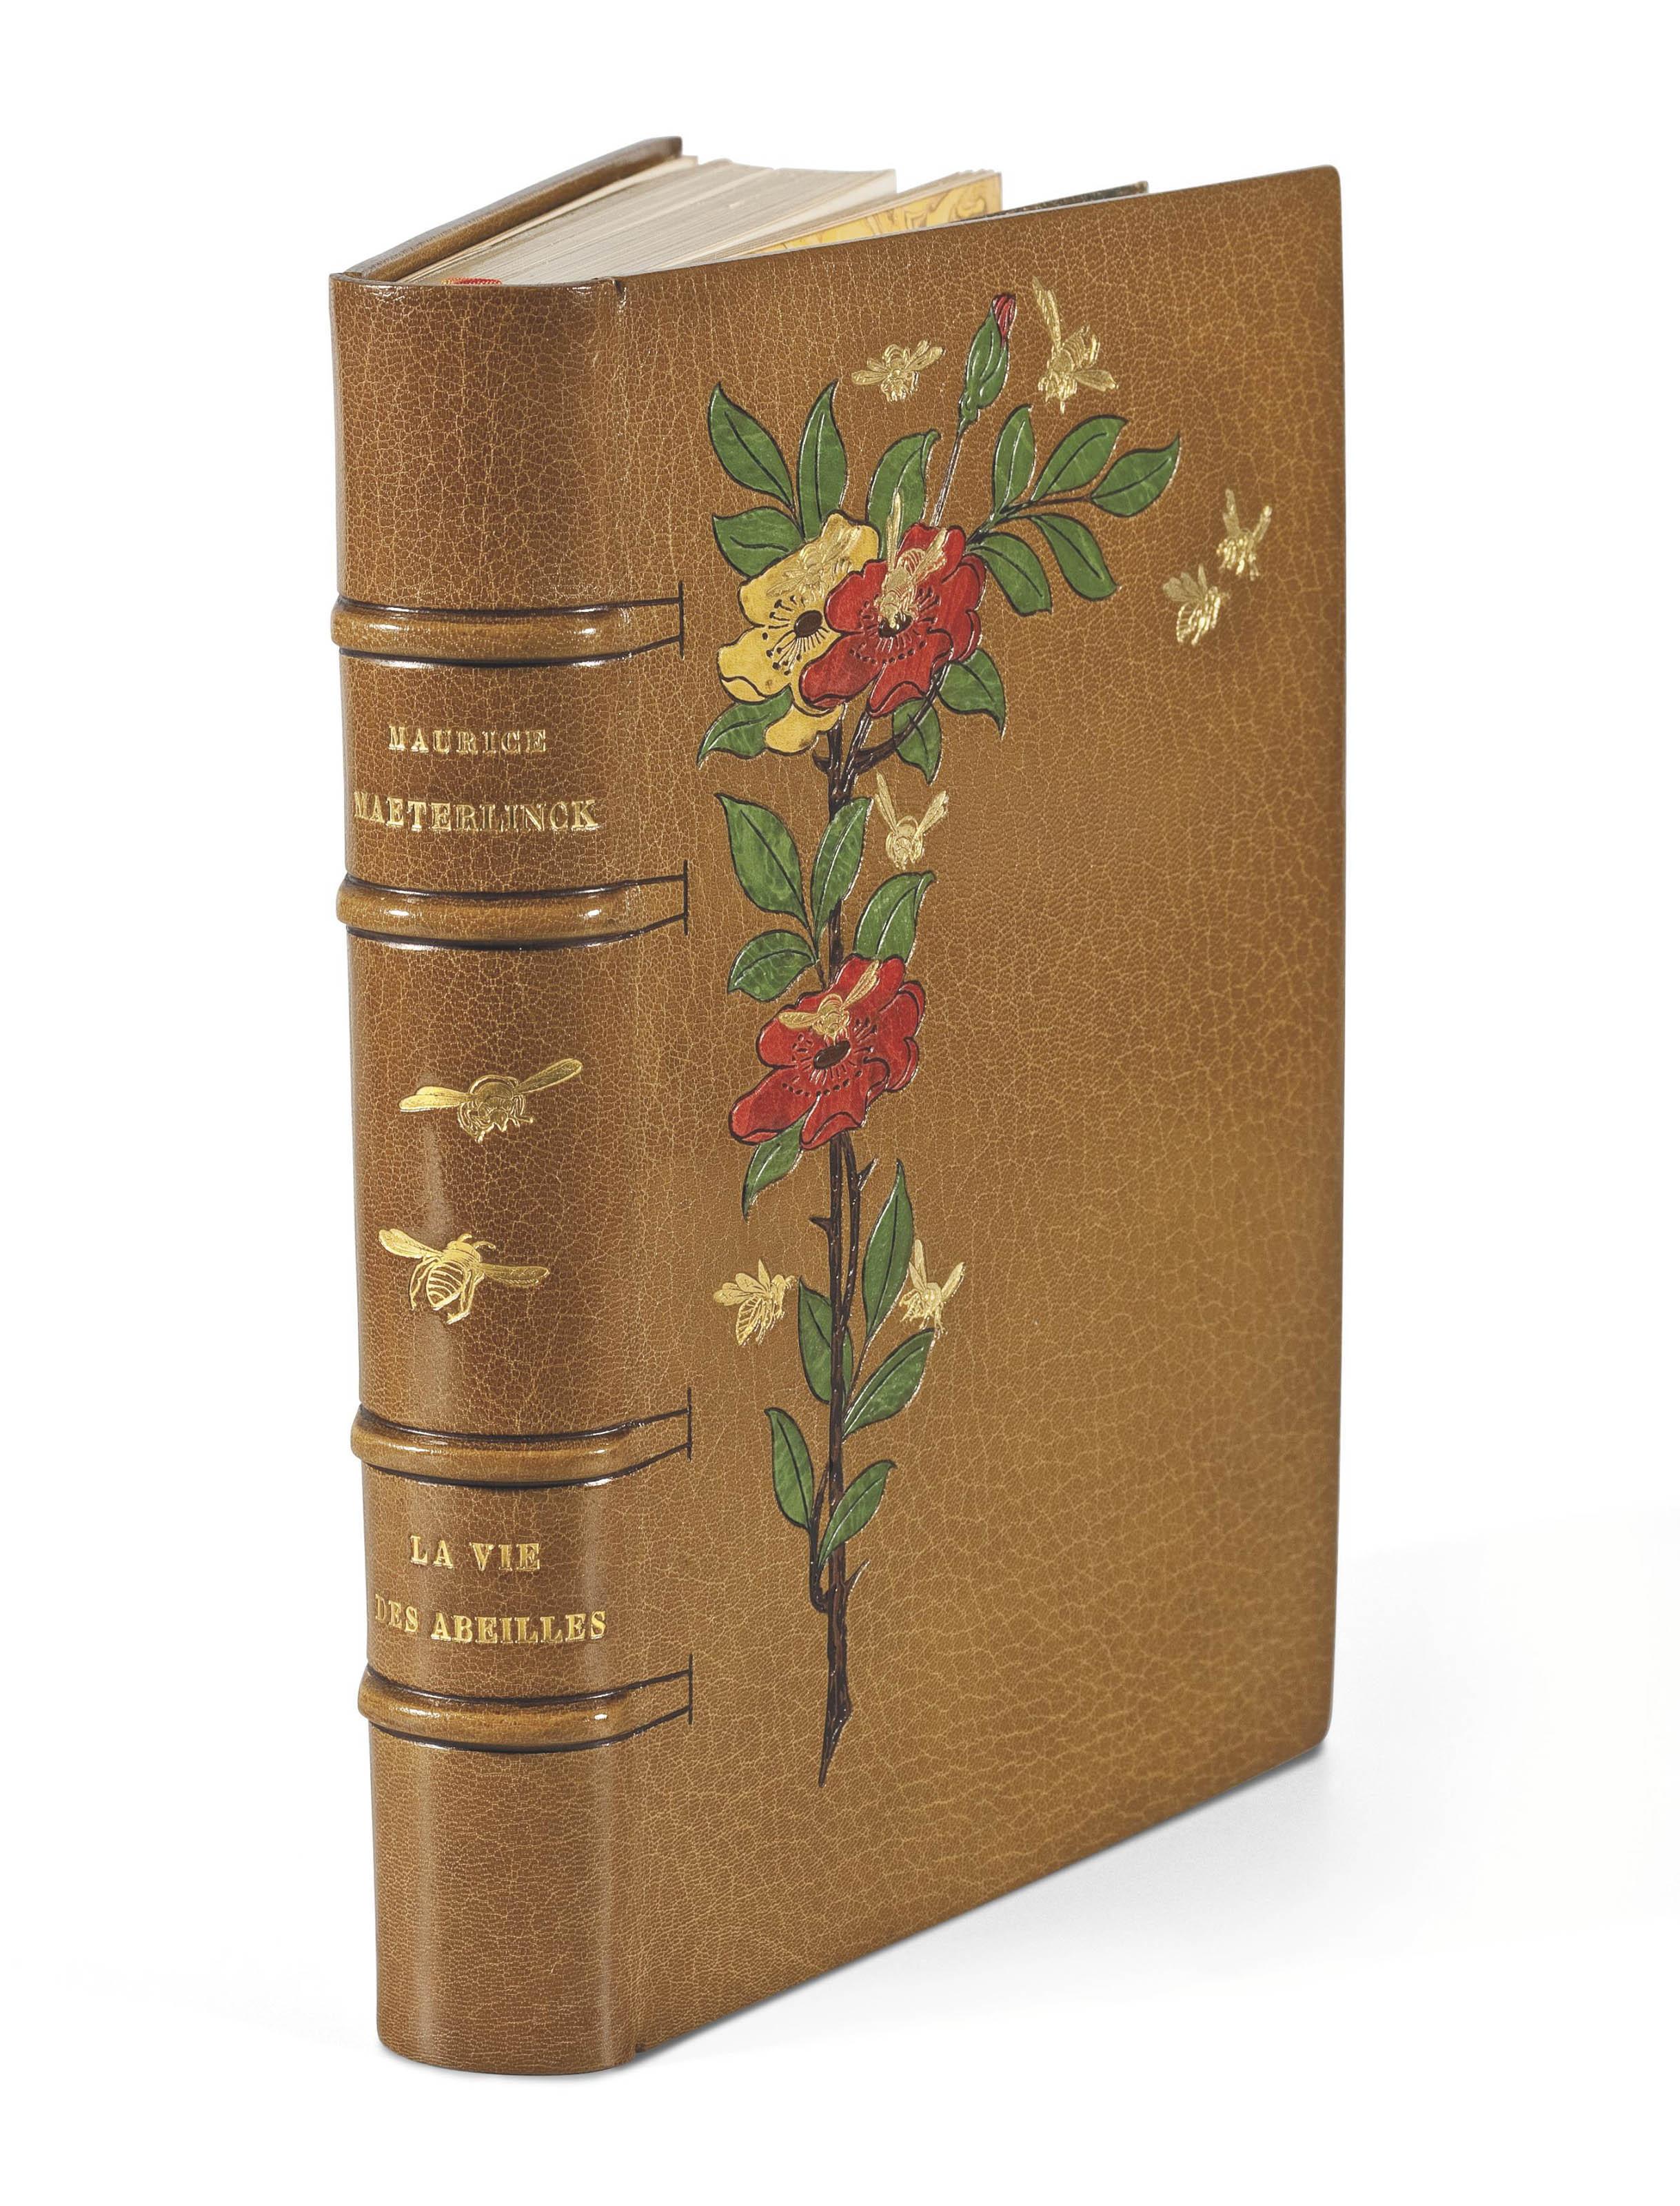 MAETERLINCK, Maurice (1862-1949). La Vie des abeilles. Paris: Société des amis du livre moderne, 1908.